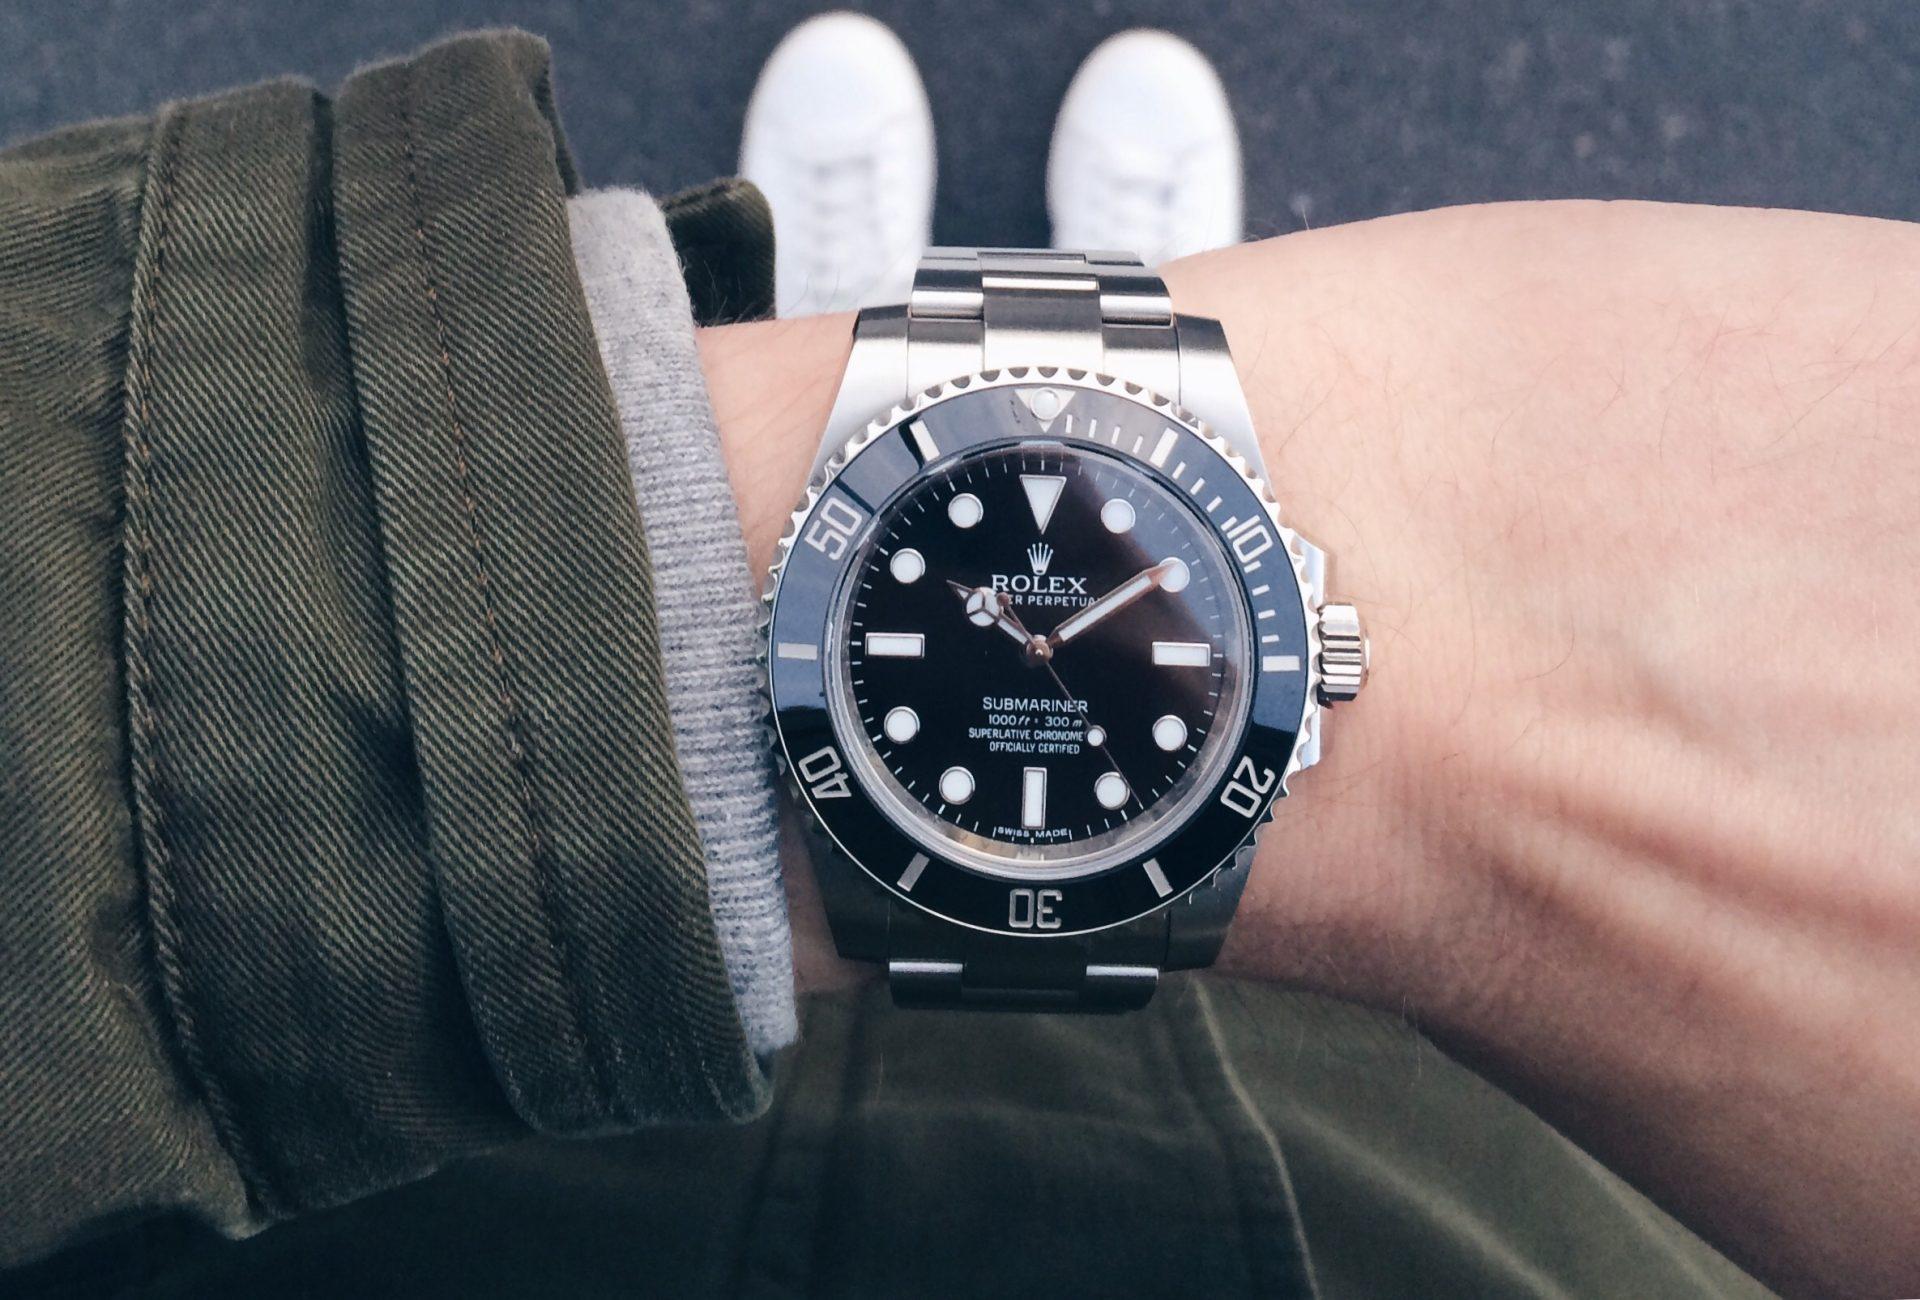 Submariner on kiistaton klassikko, minkä lisäksi se on yksi parhaiten jälkimarkkinoilla kauppansa tekevistä kelloista